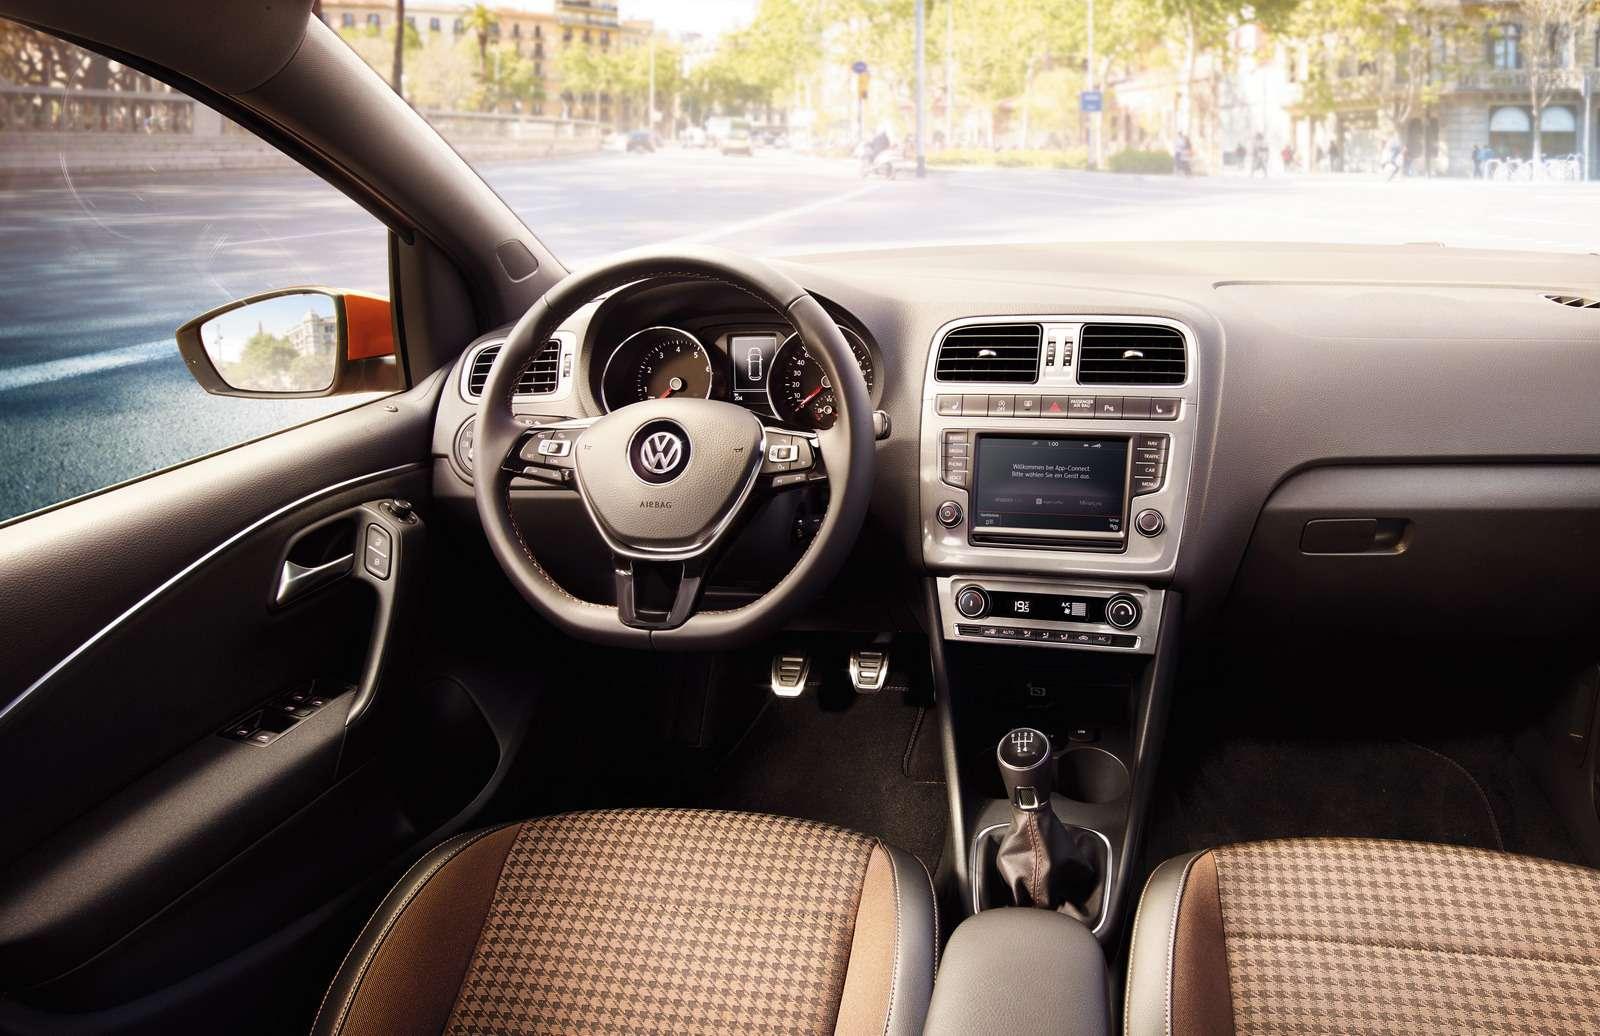 VW-Polo-Original-3